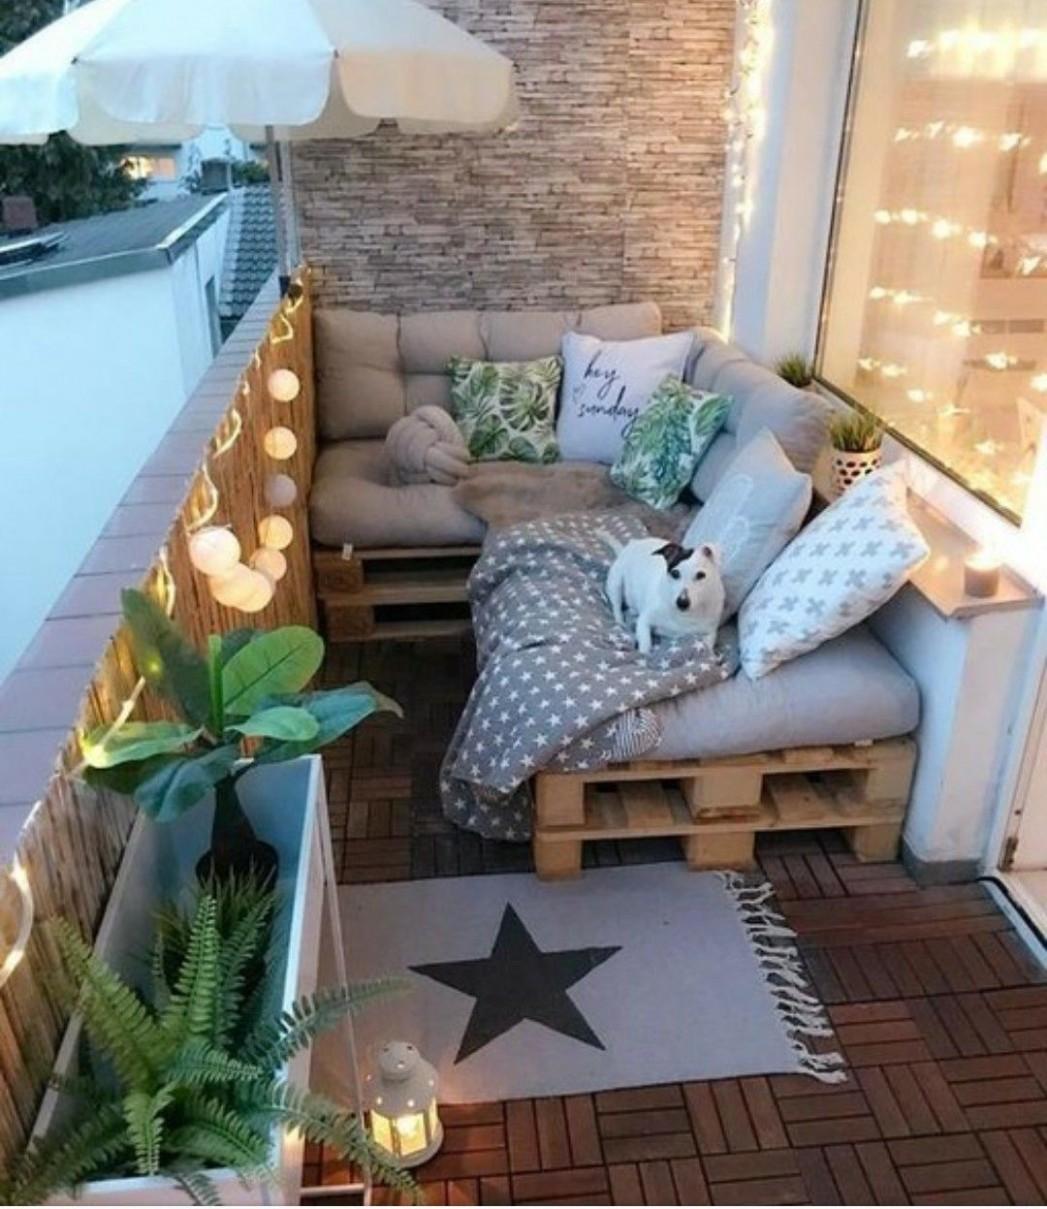 Small Balcony Ideas  Small balcony decor, First apartment  - Balcony Ideas For Apartments